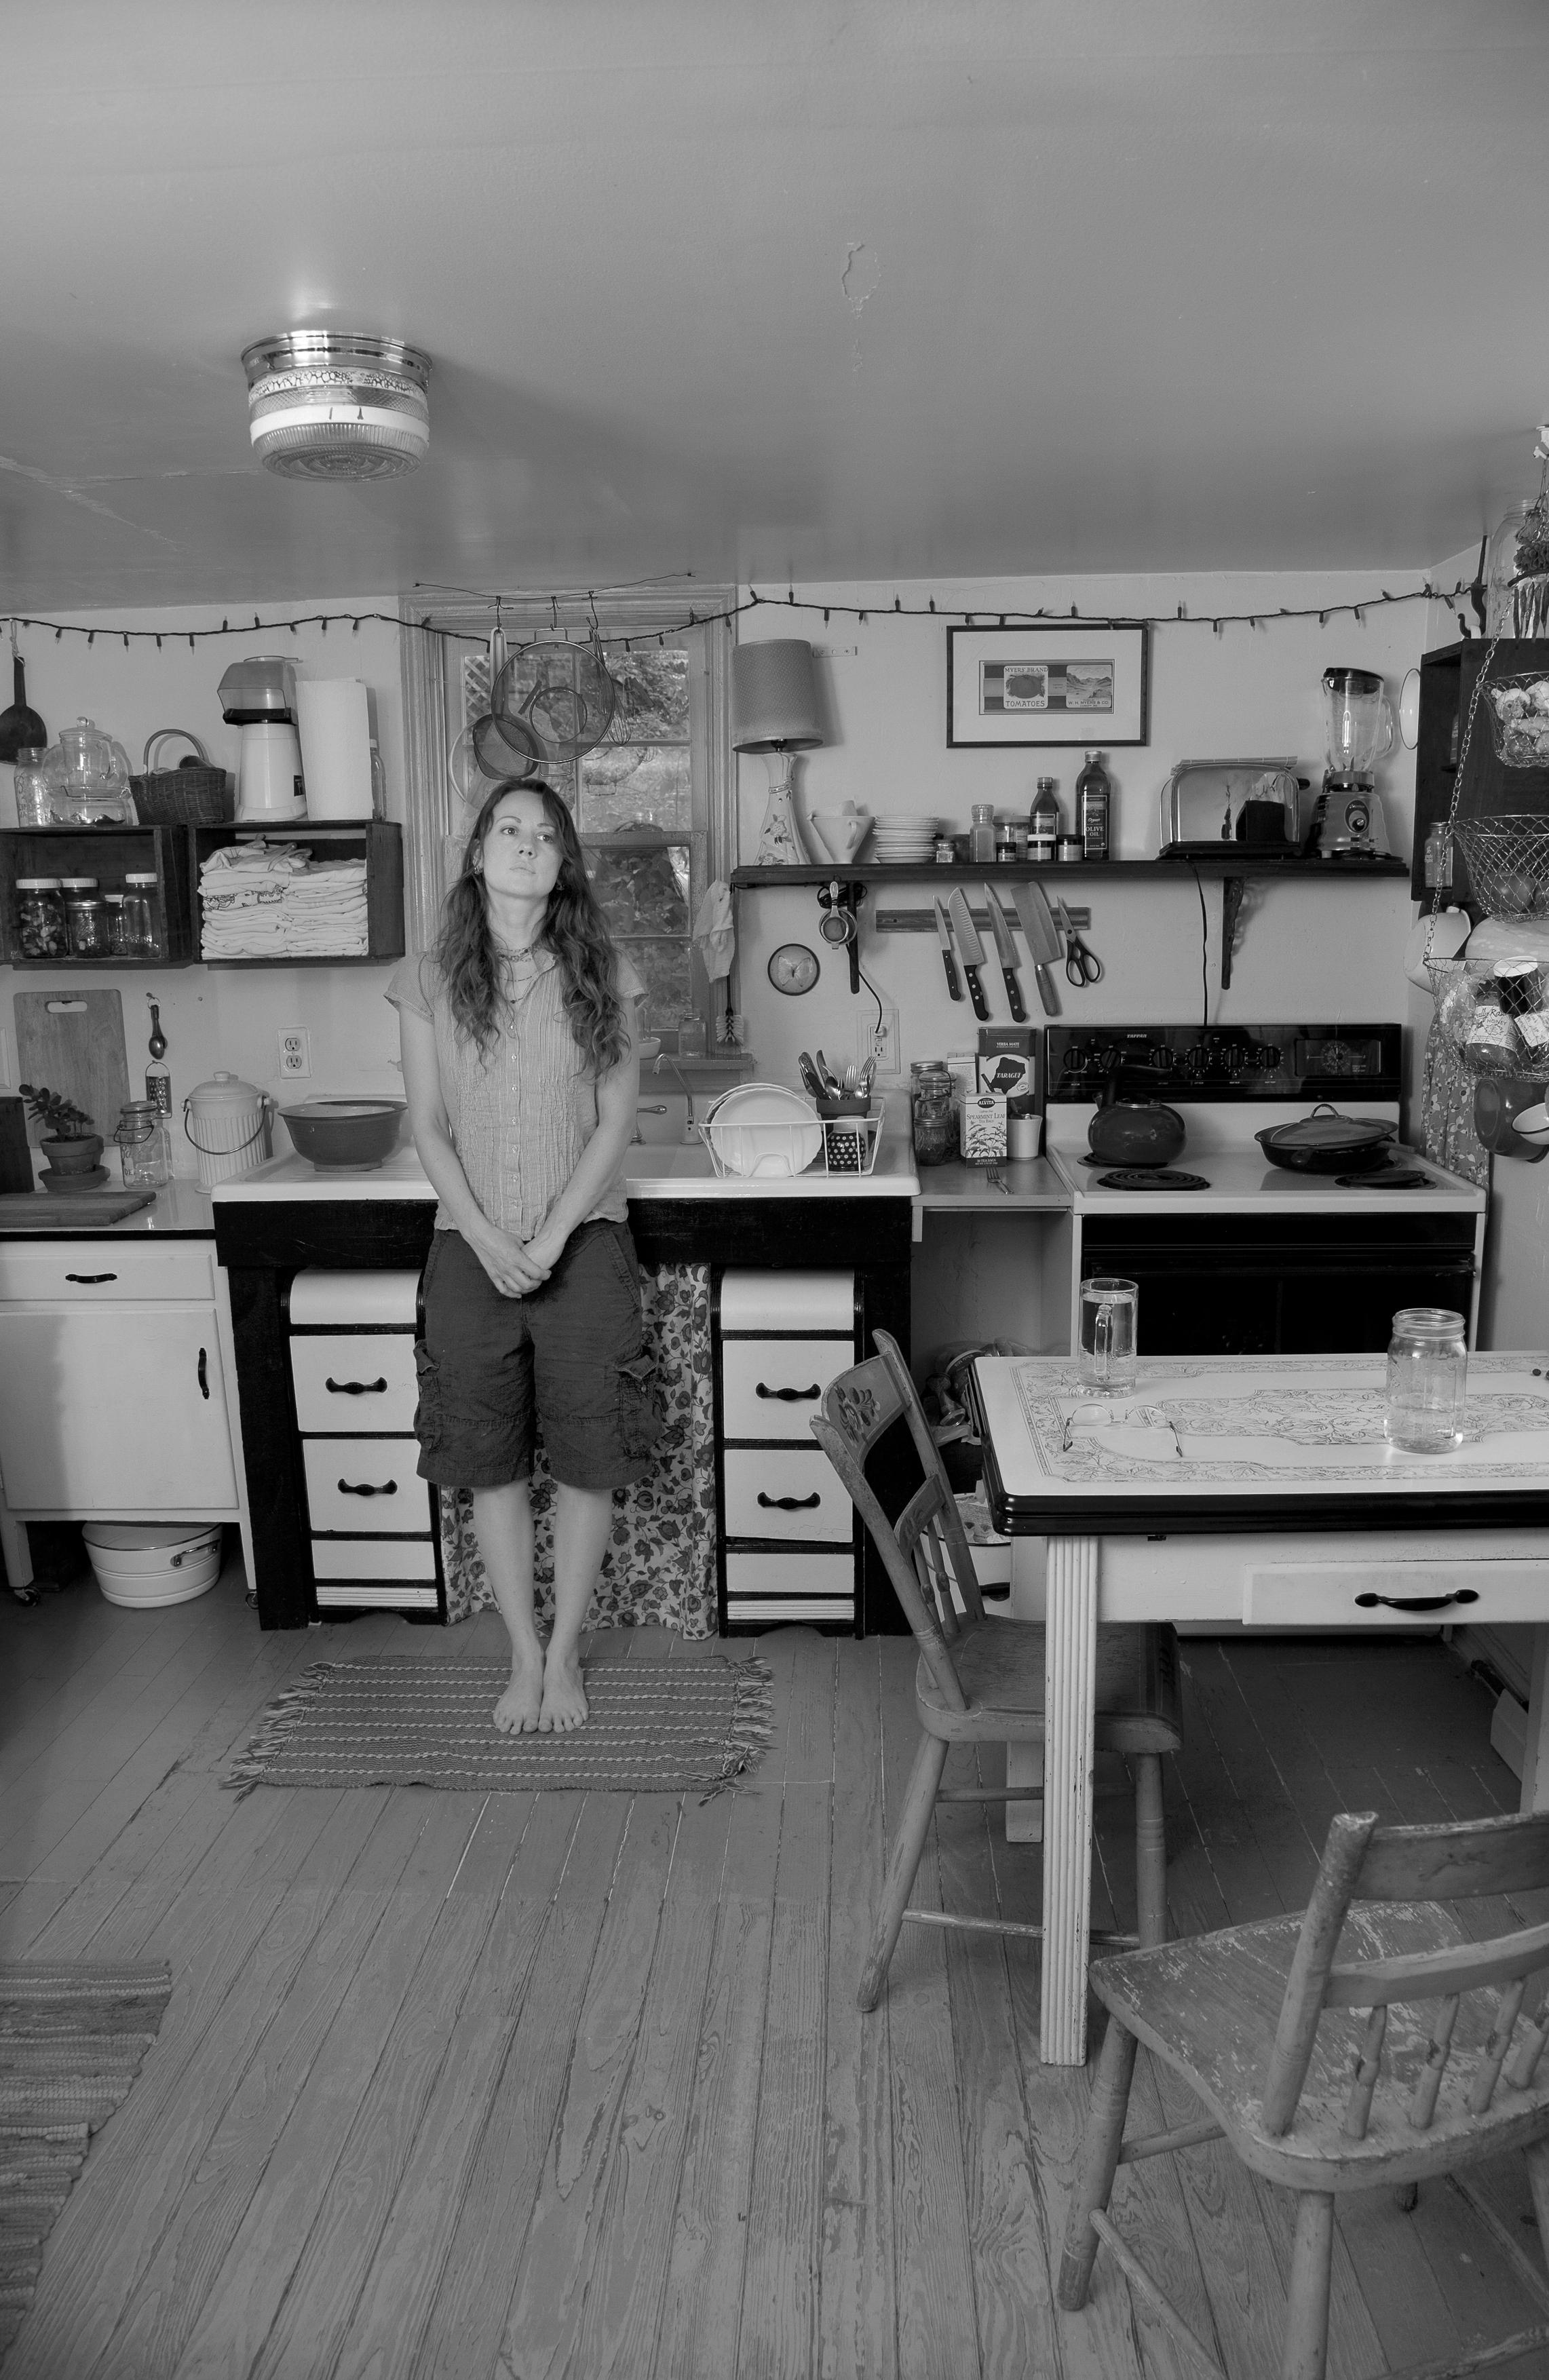 Alison Kitchen Occoquan Va 8-2011